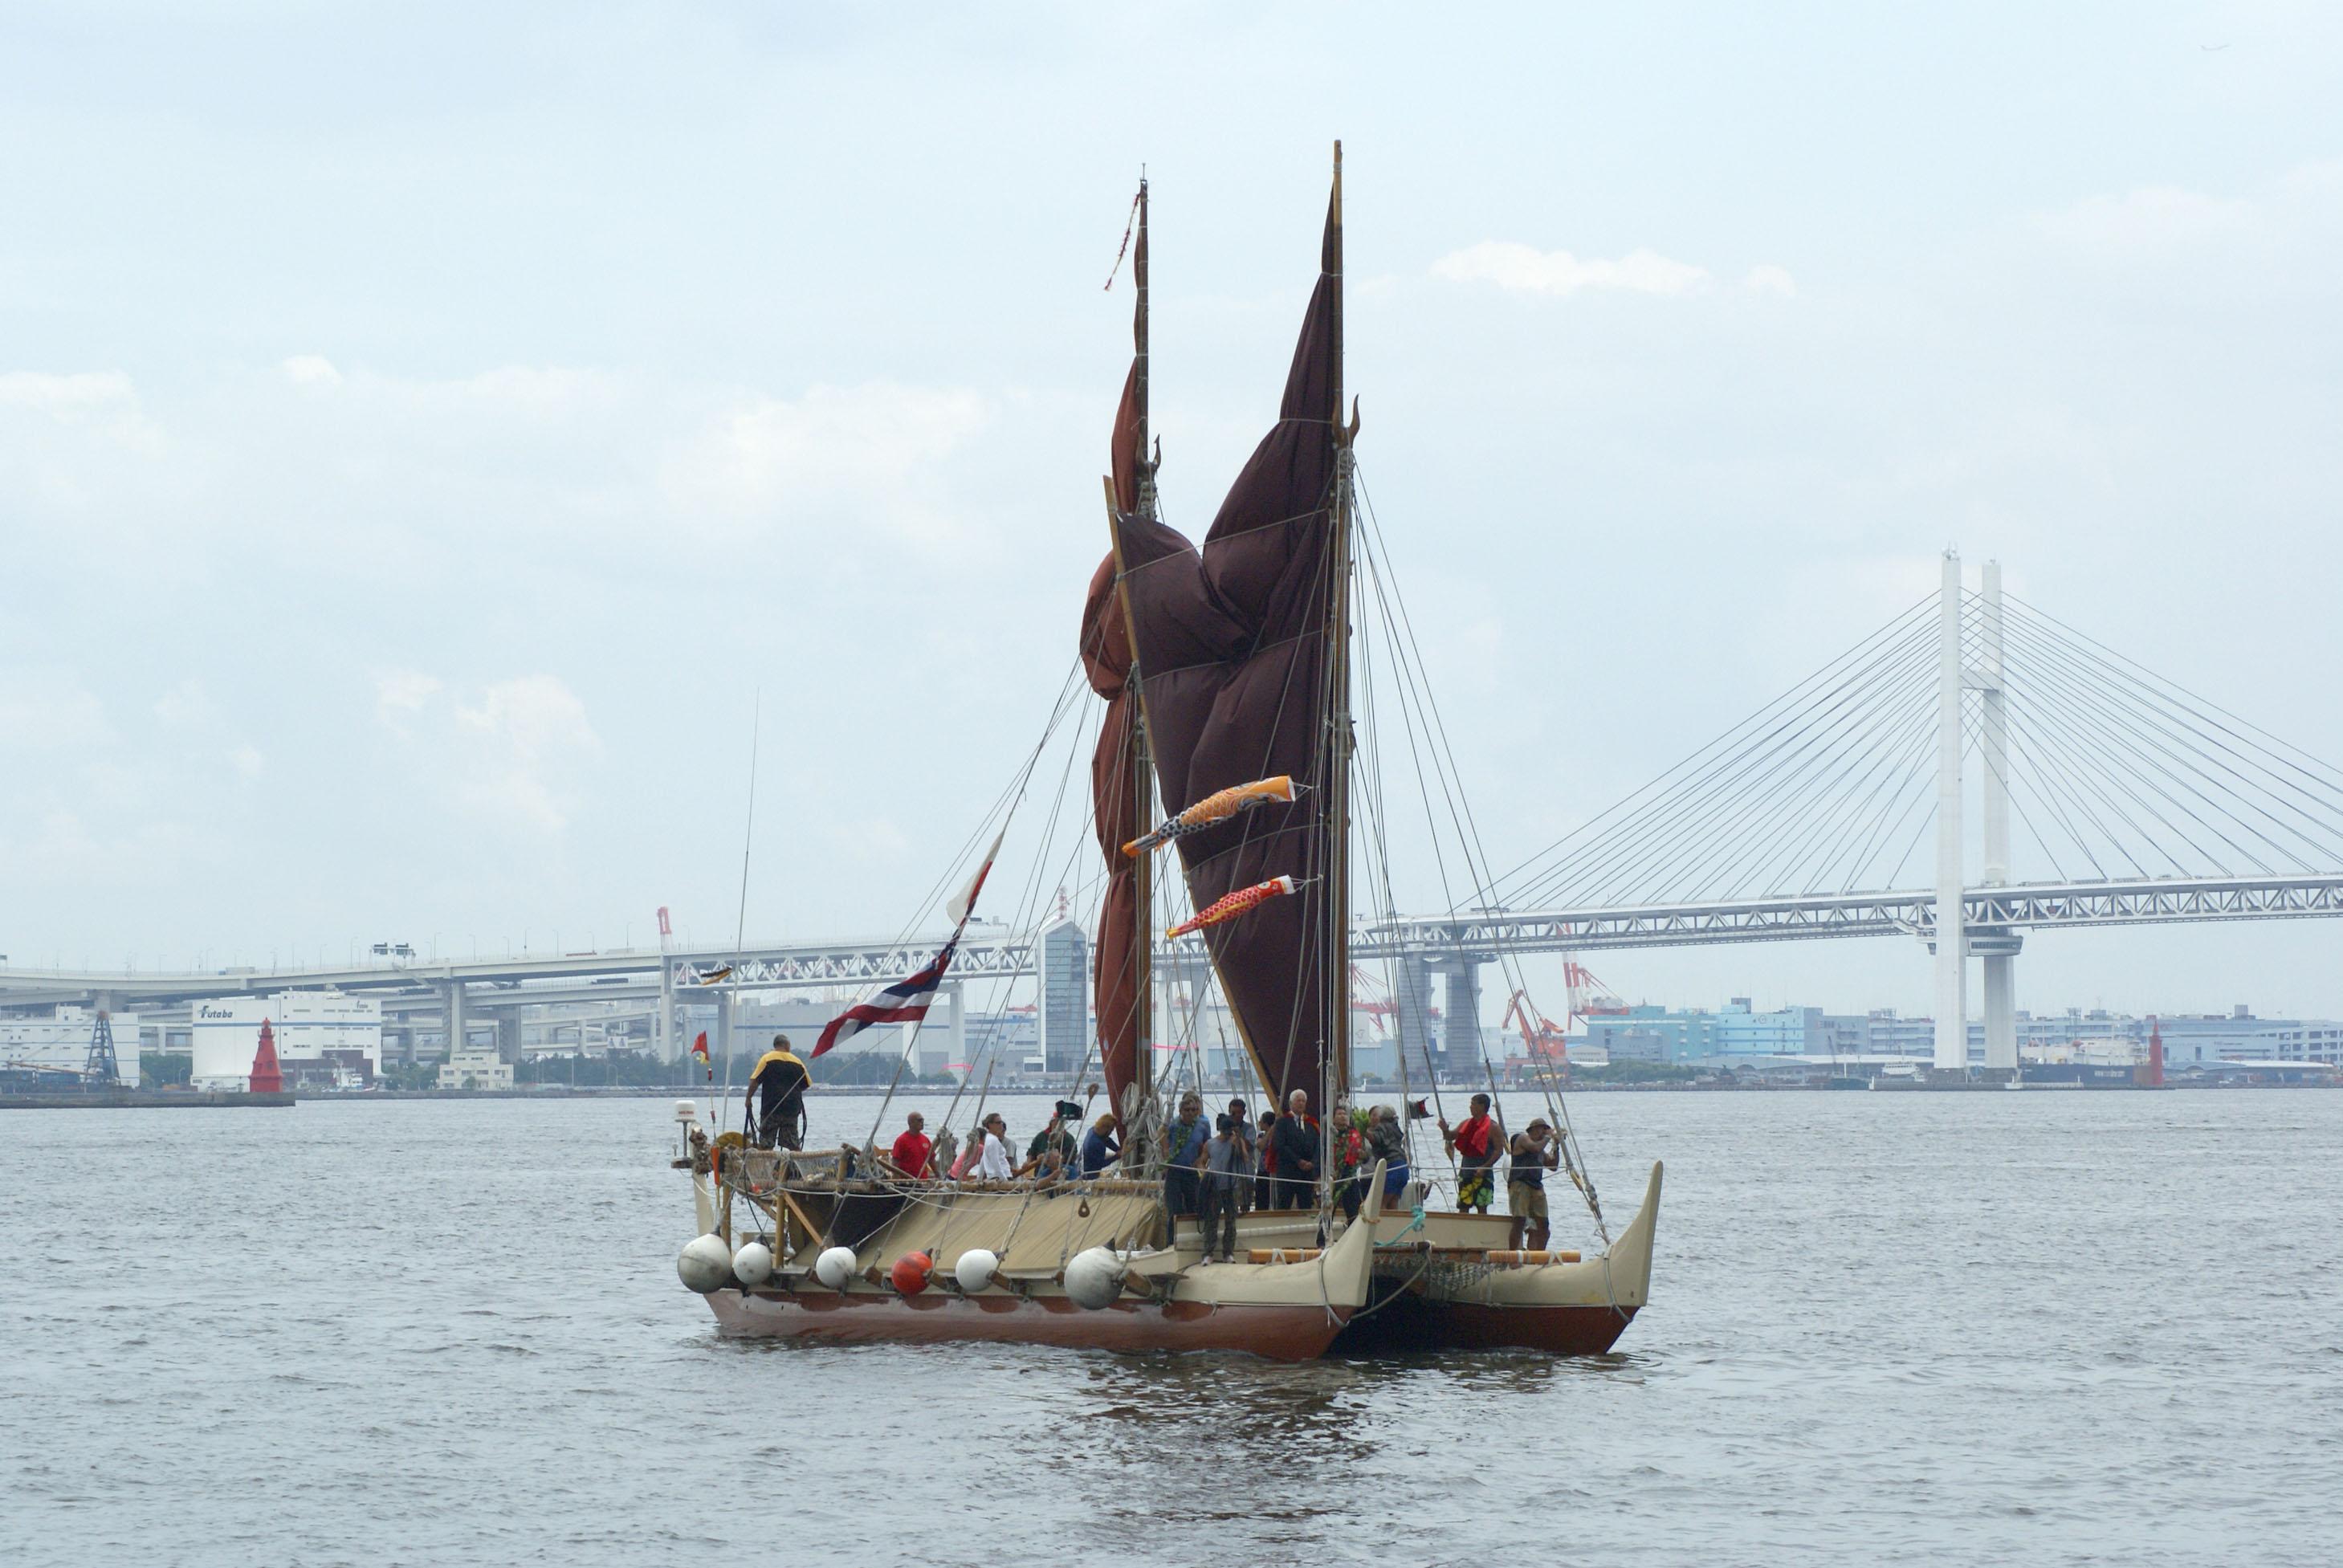 ホクレア号の帰還イベントとアラワイ運河改善プロジェクト